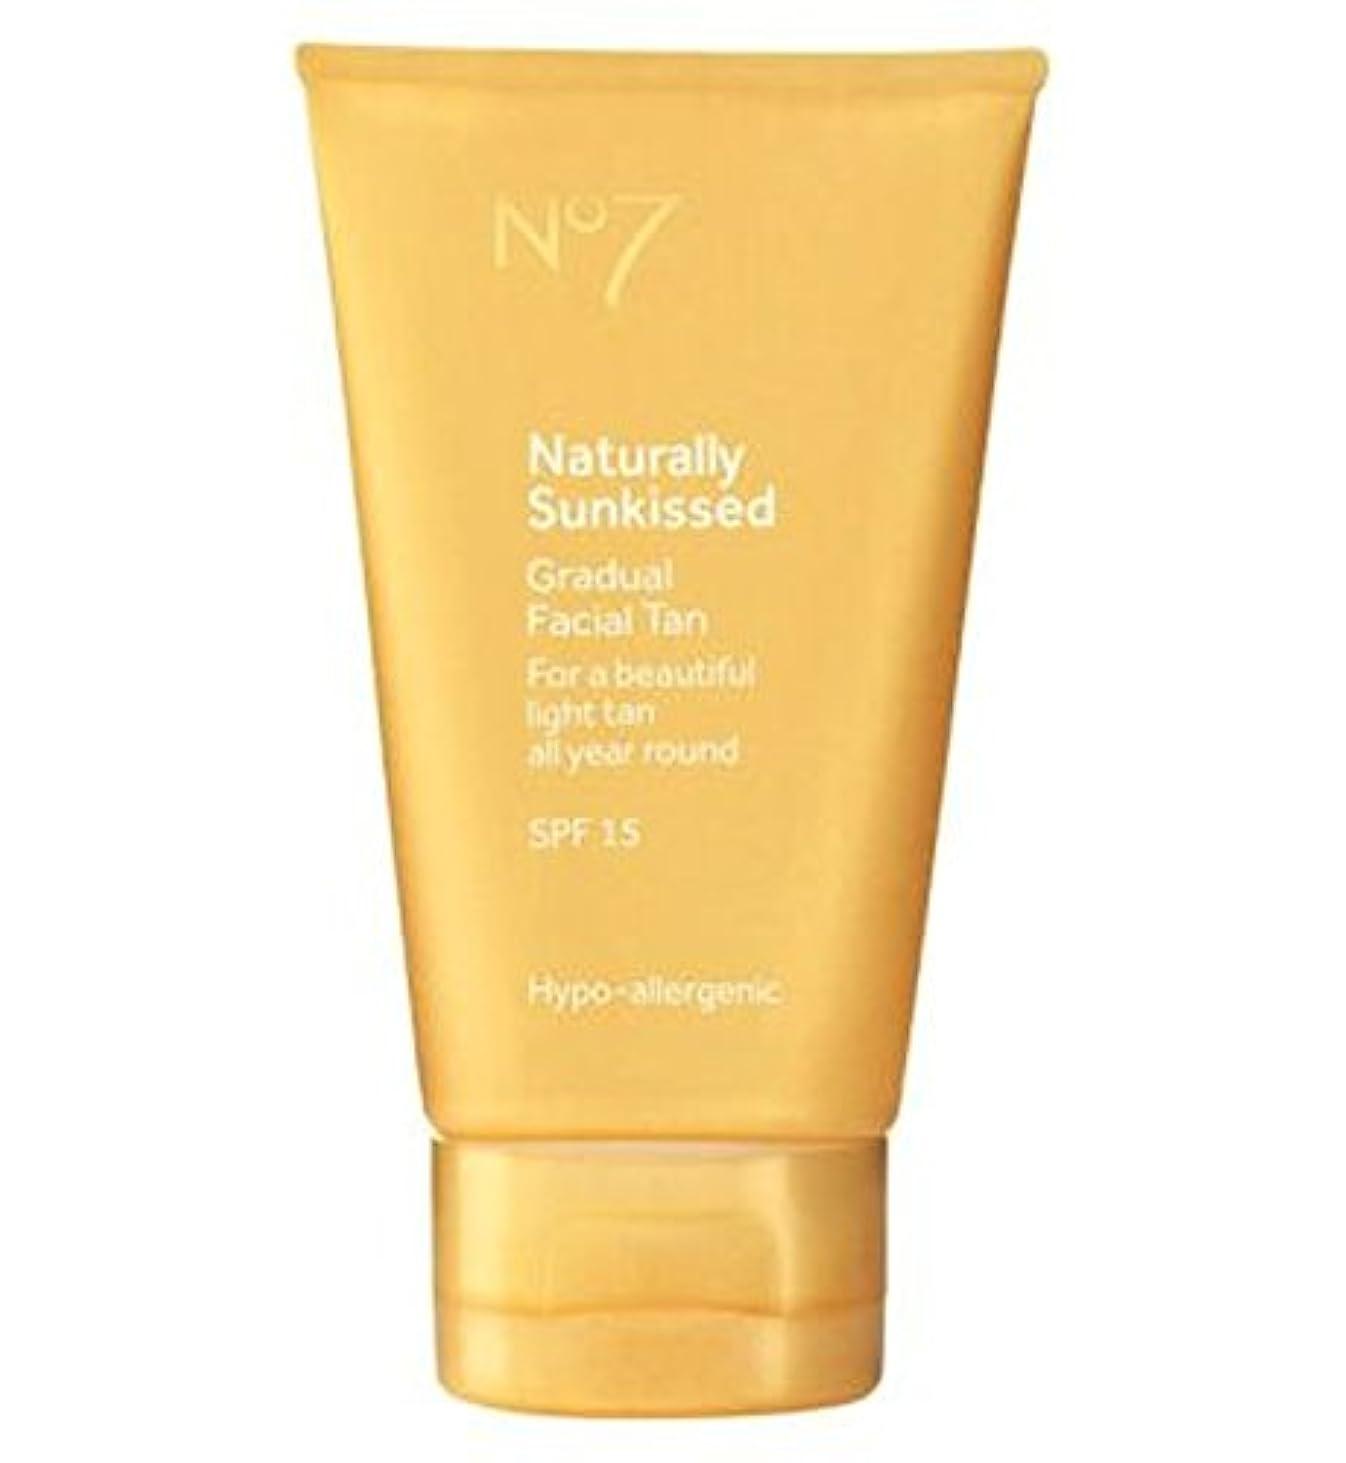 コショウ者パターンNo7 Naturally Sun Kissed Gradual Face Tan SP15 - No7は自然に太陽が緩やかな顔日焼けSp15にキスをしました (No7) [並行輸入品]